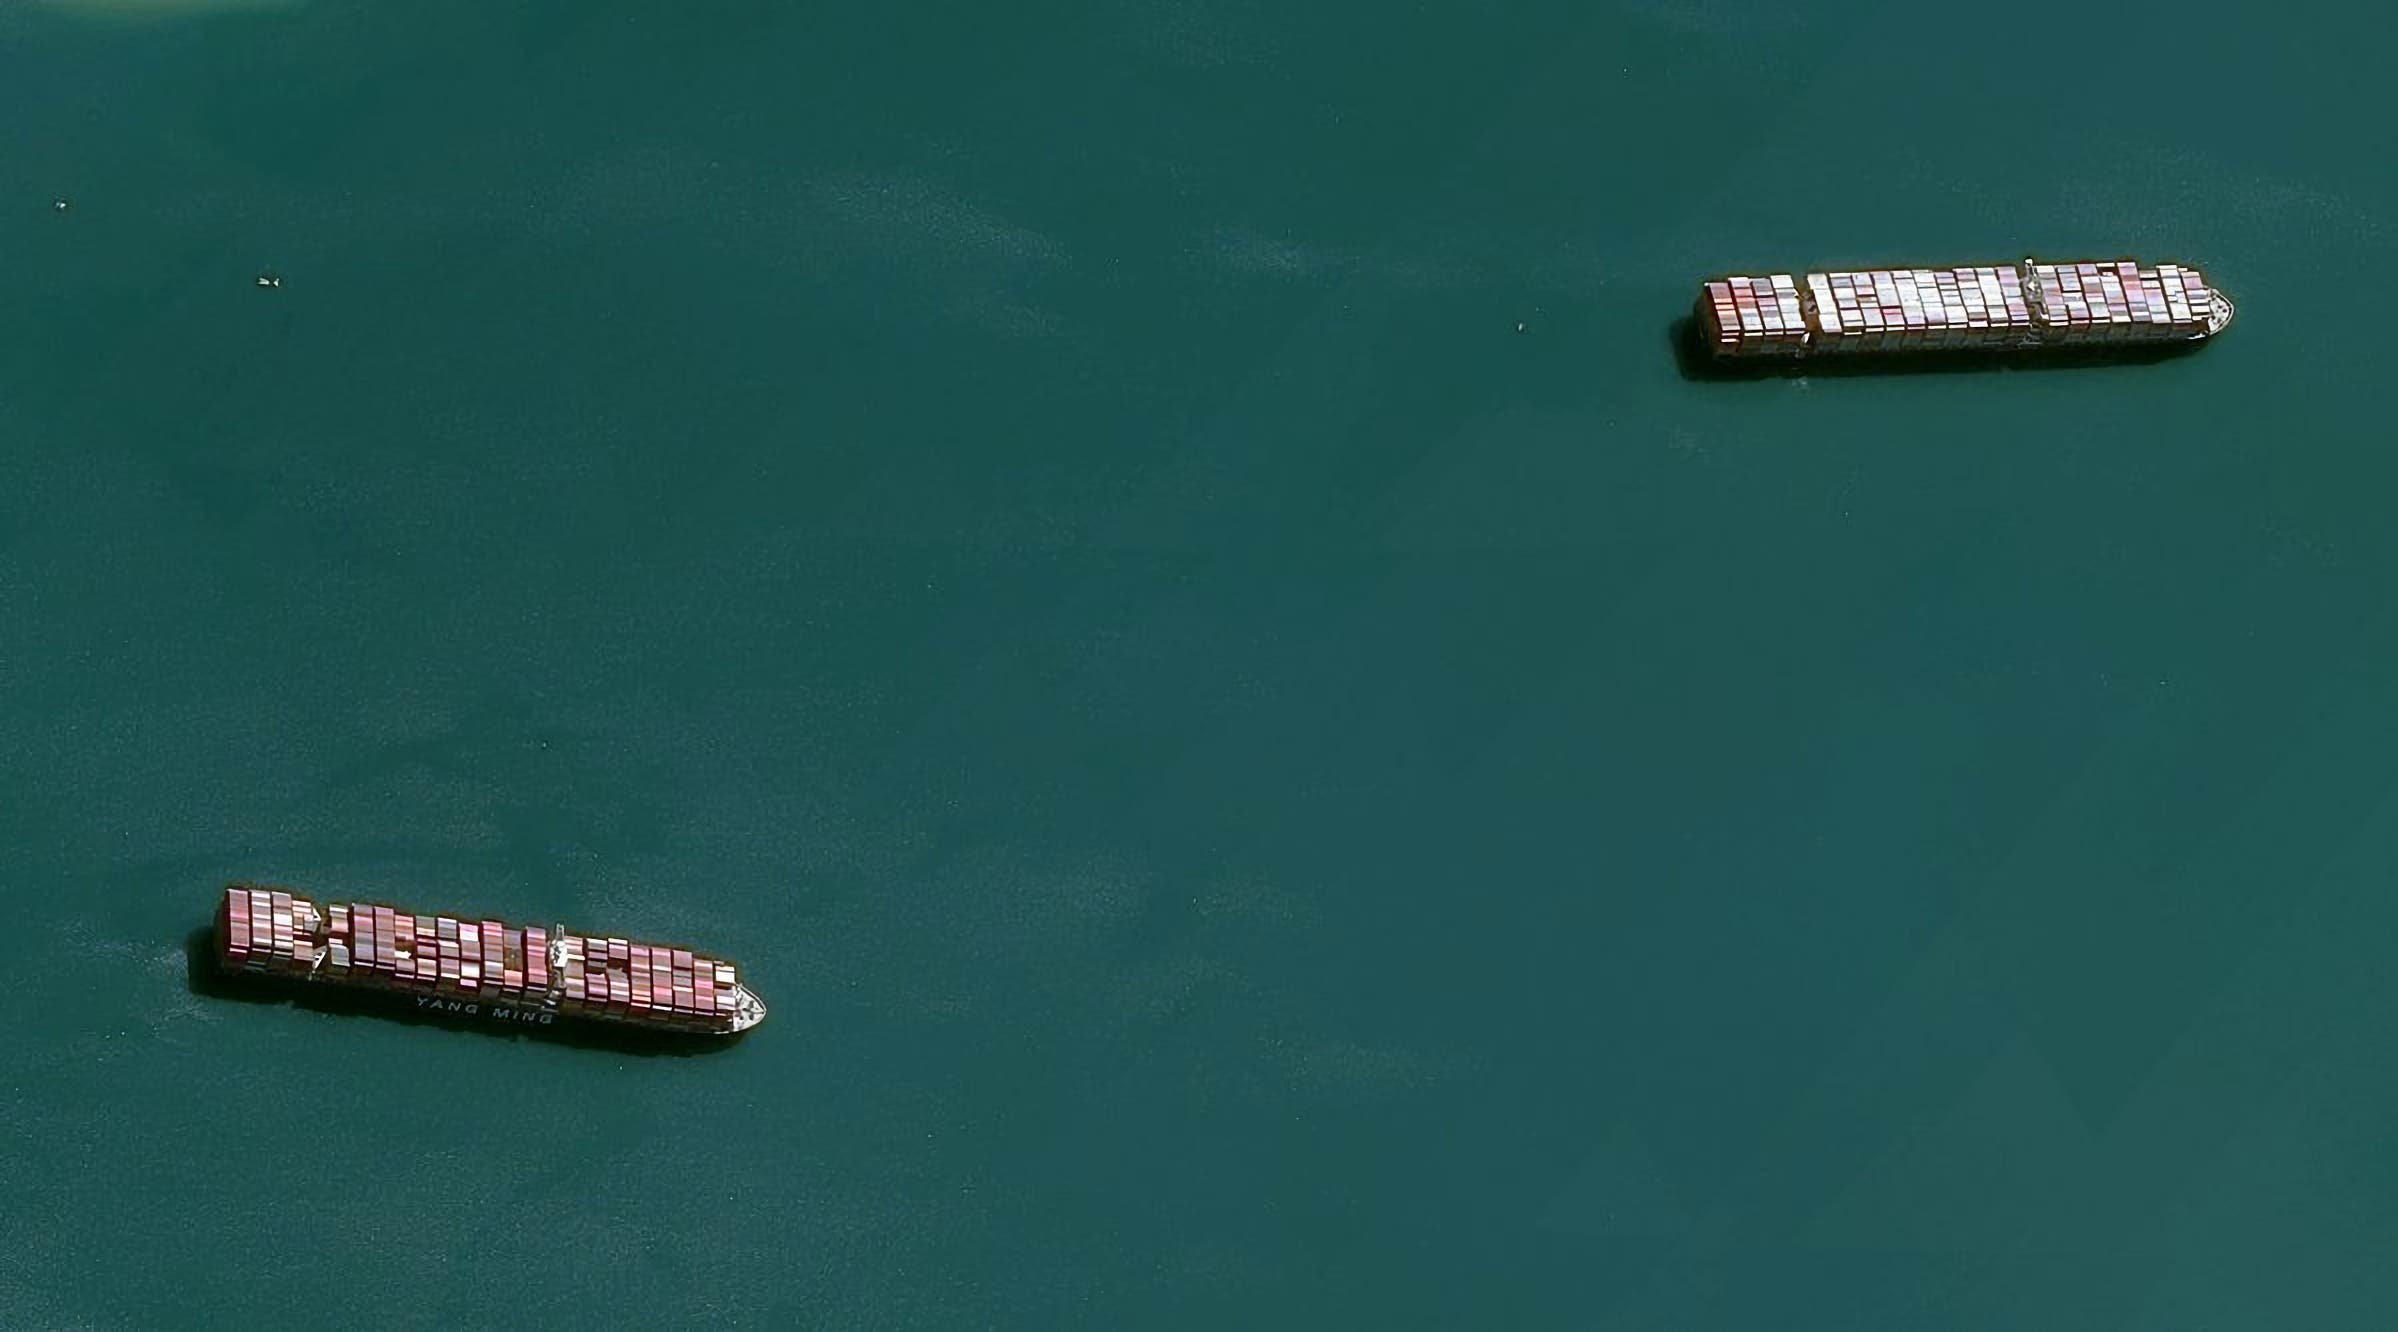 صور قمر صناعي للناقلات المنتظرة خارج قناة السويس